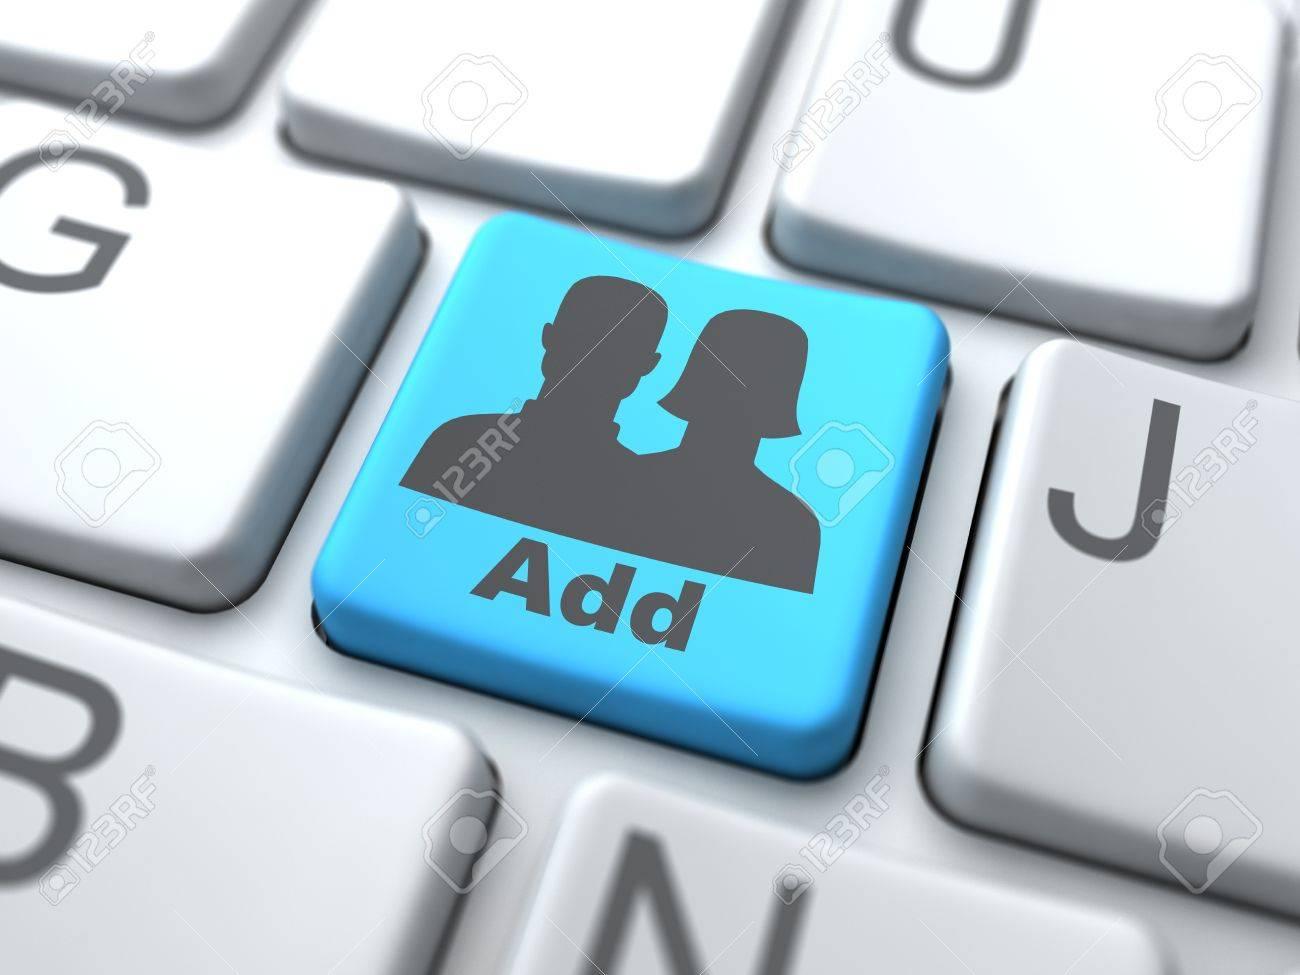 Add User Button-Social Media Concept Stock Photo - 12953390